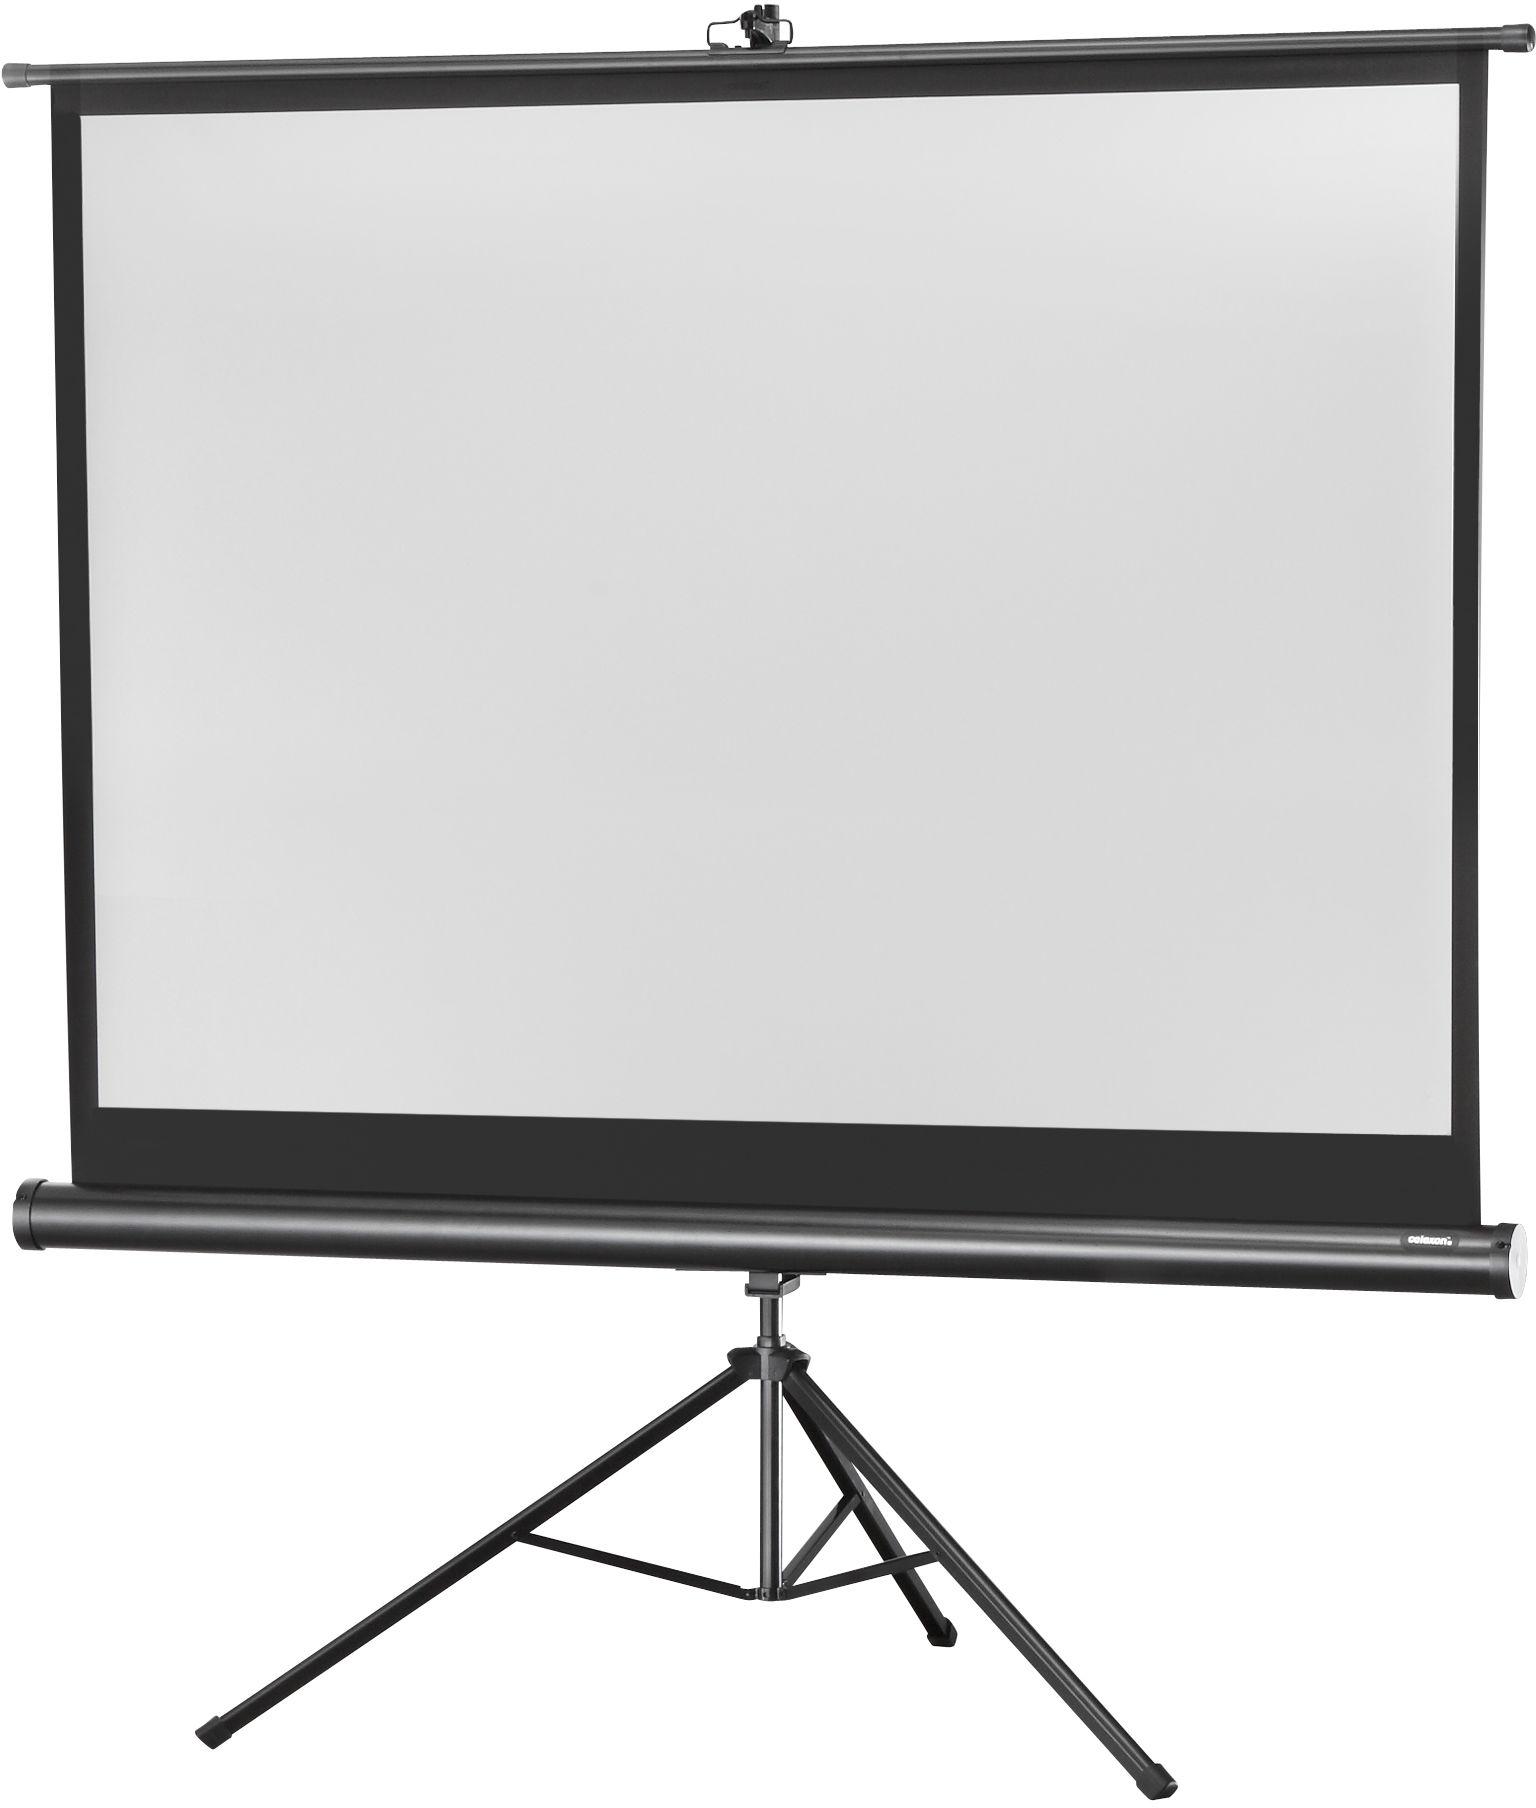 celexon Economy 244 x 183 cm ekran projekcyjny na trójnogu 4:3 (120) - Biala edycja